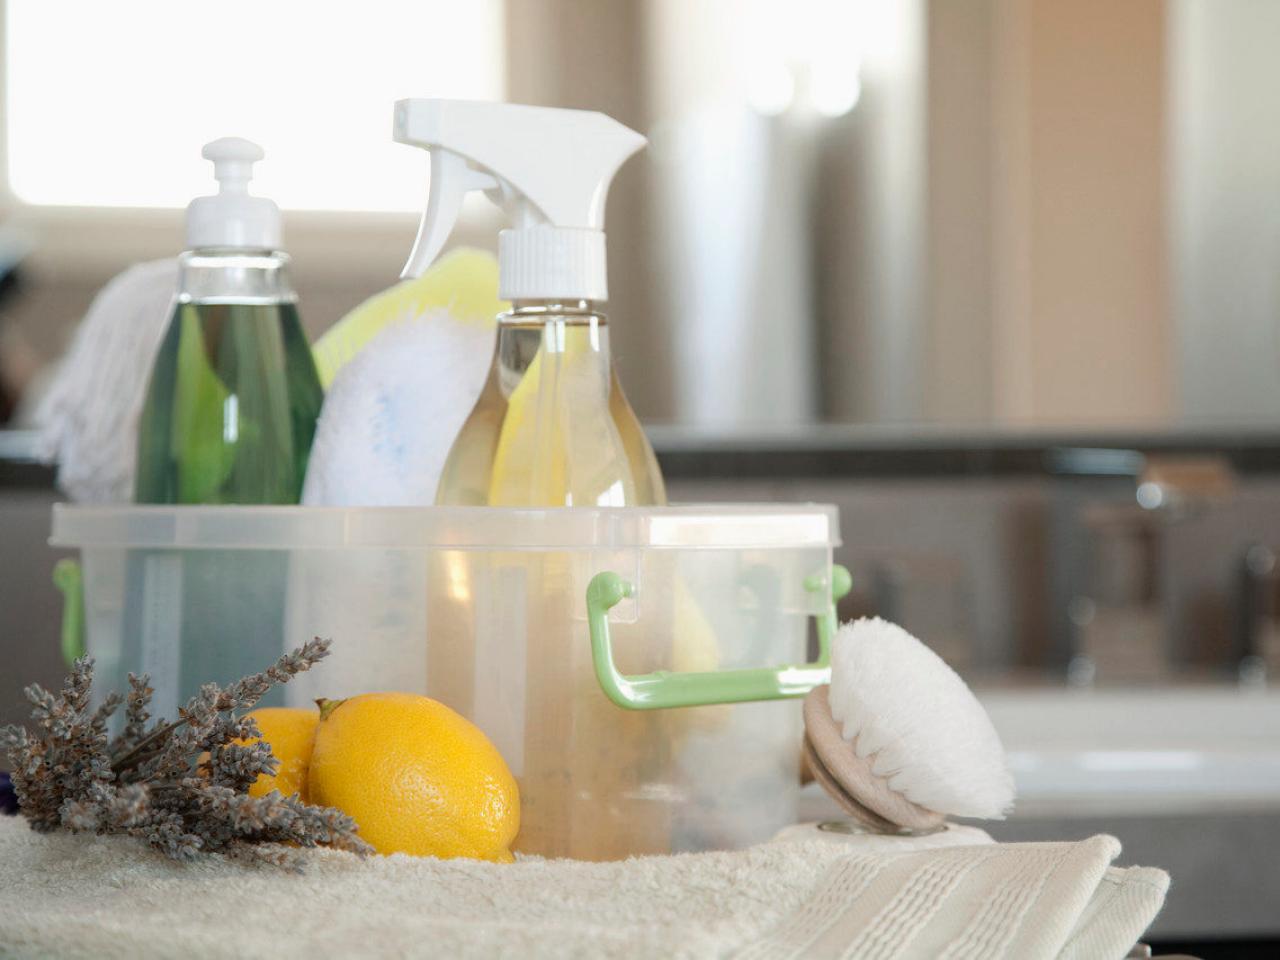 Моющие средства на кухне